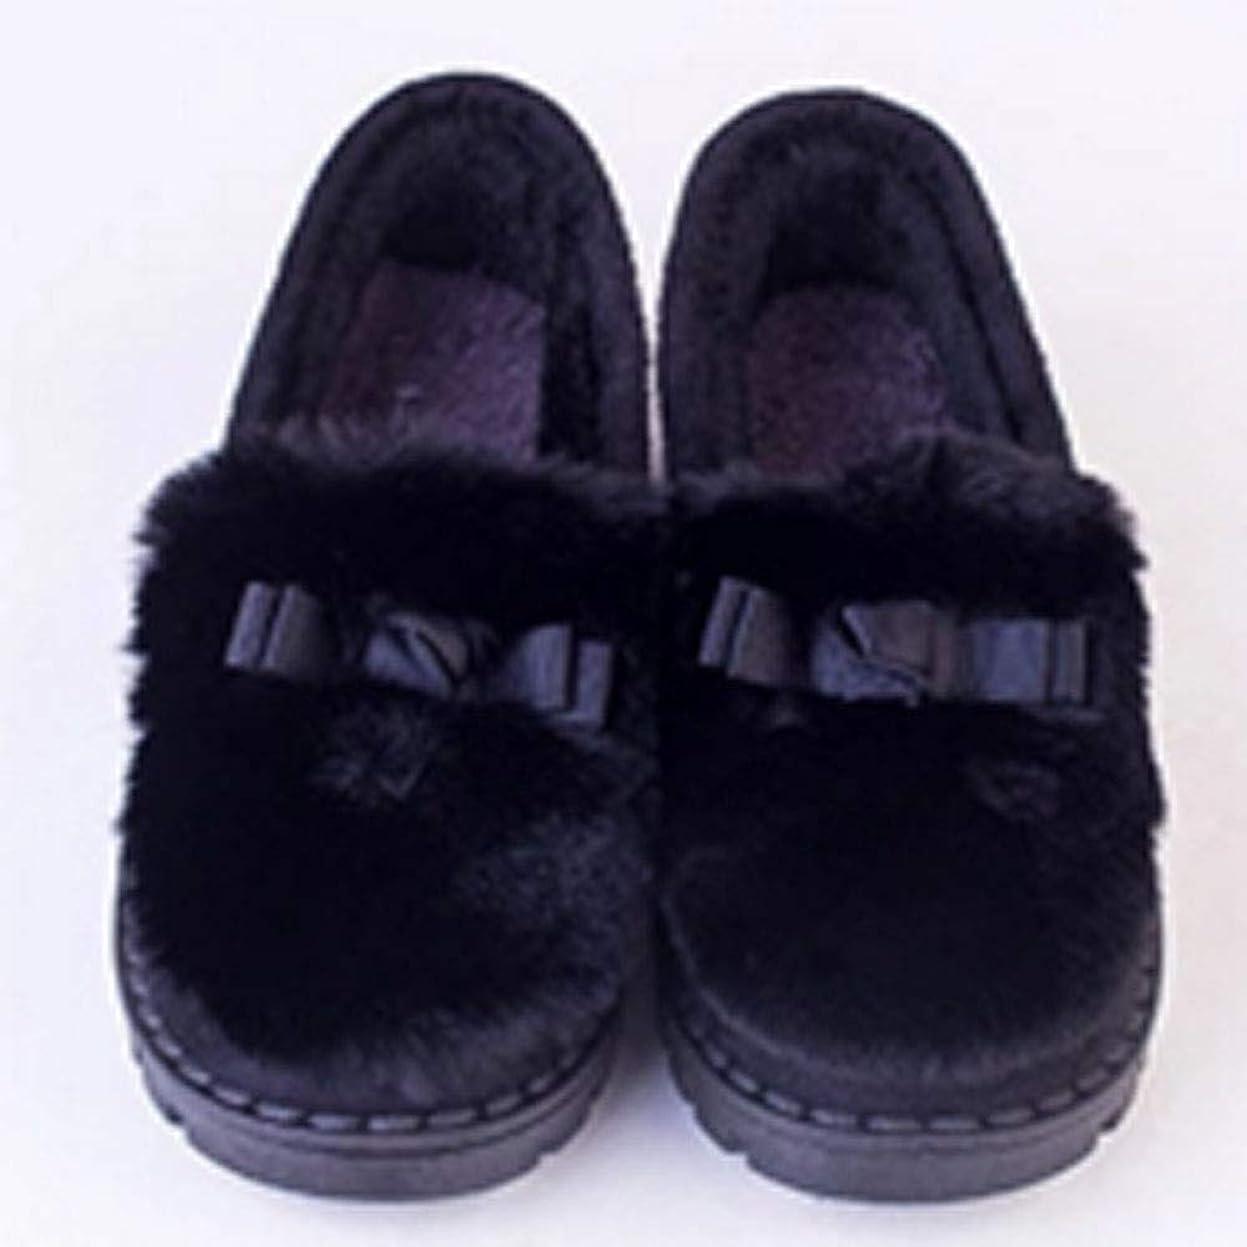 港孤児ほかに[SKY4UU] コットン スリッパ レディース ルームシューズ 室内履き 靴 冬のコットンスリッパ 防寒 可愛い 女性の靴 滑り止め 暖か 厚底